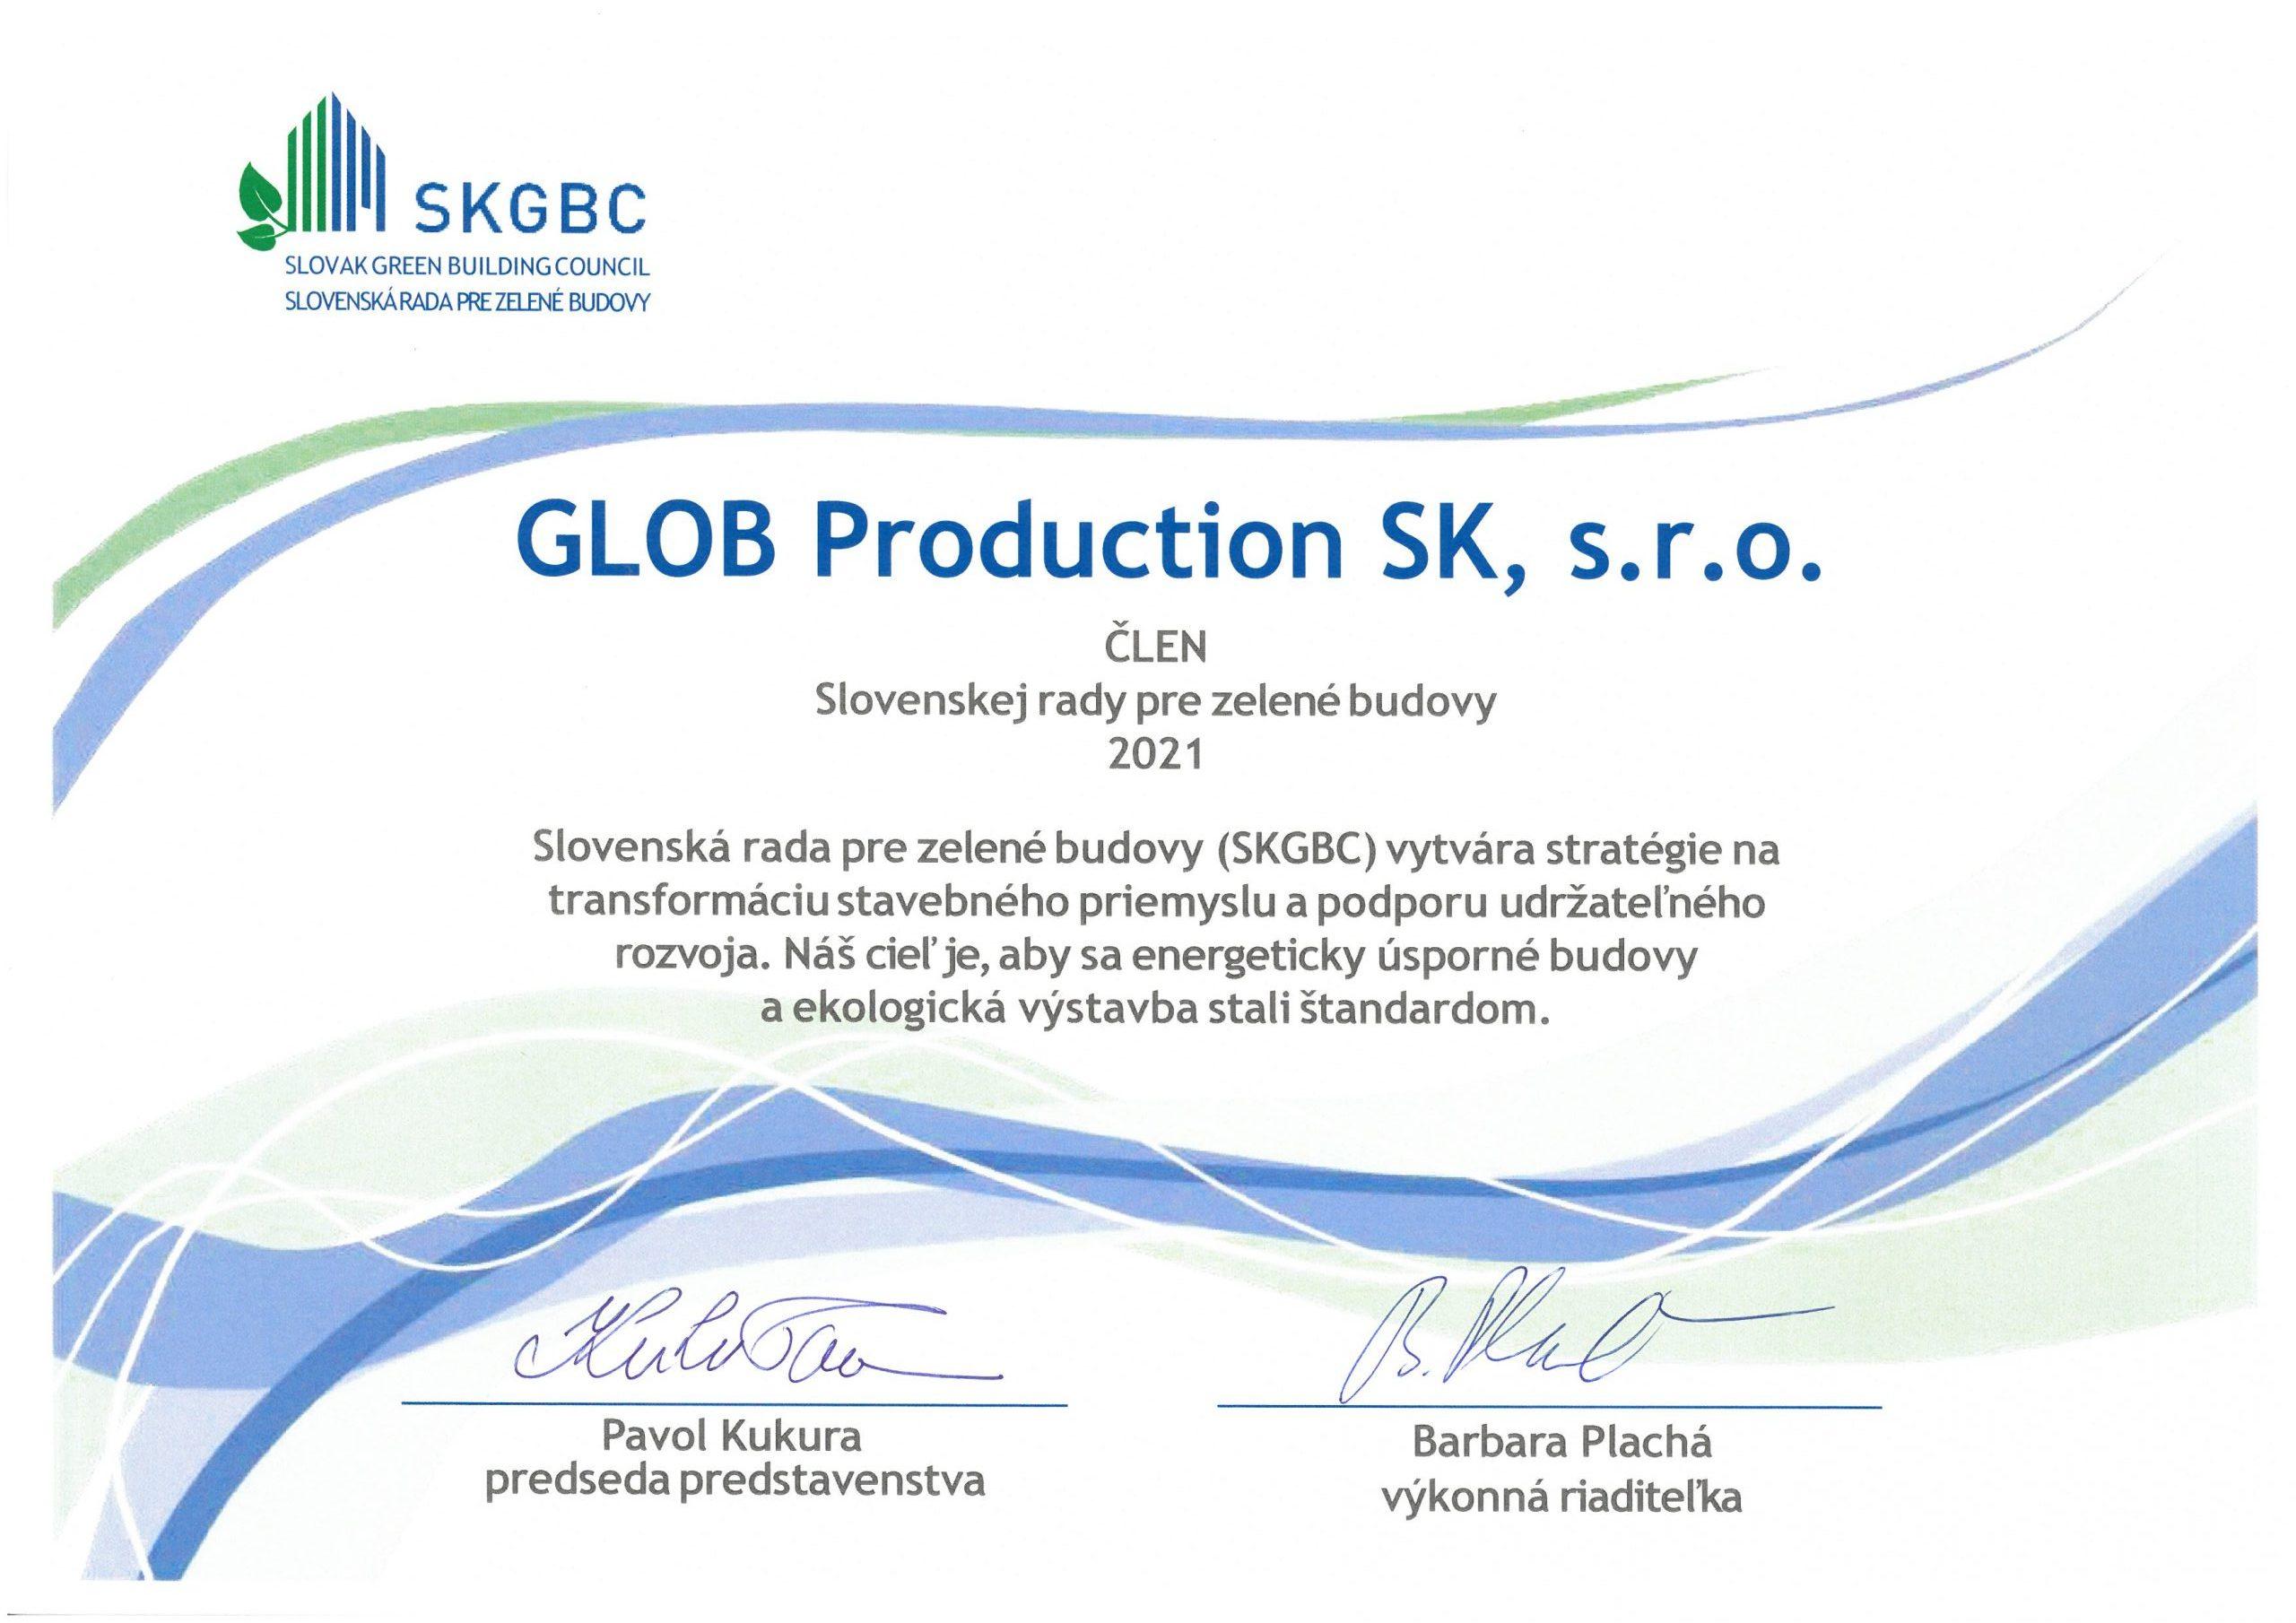 SKGBC - Slovenská rada pre zelené budovy